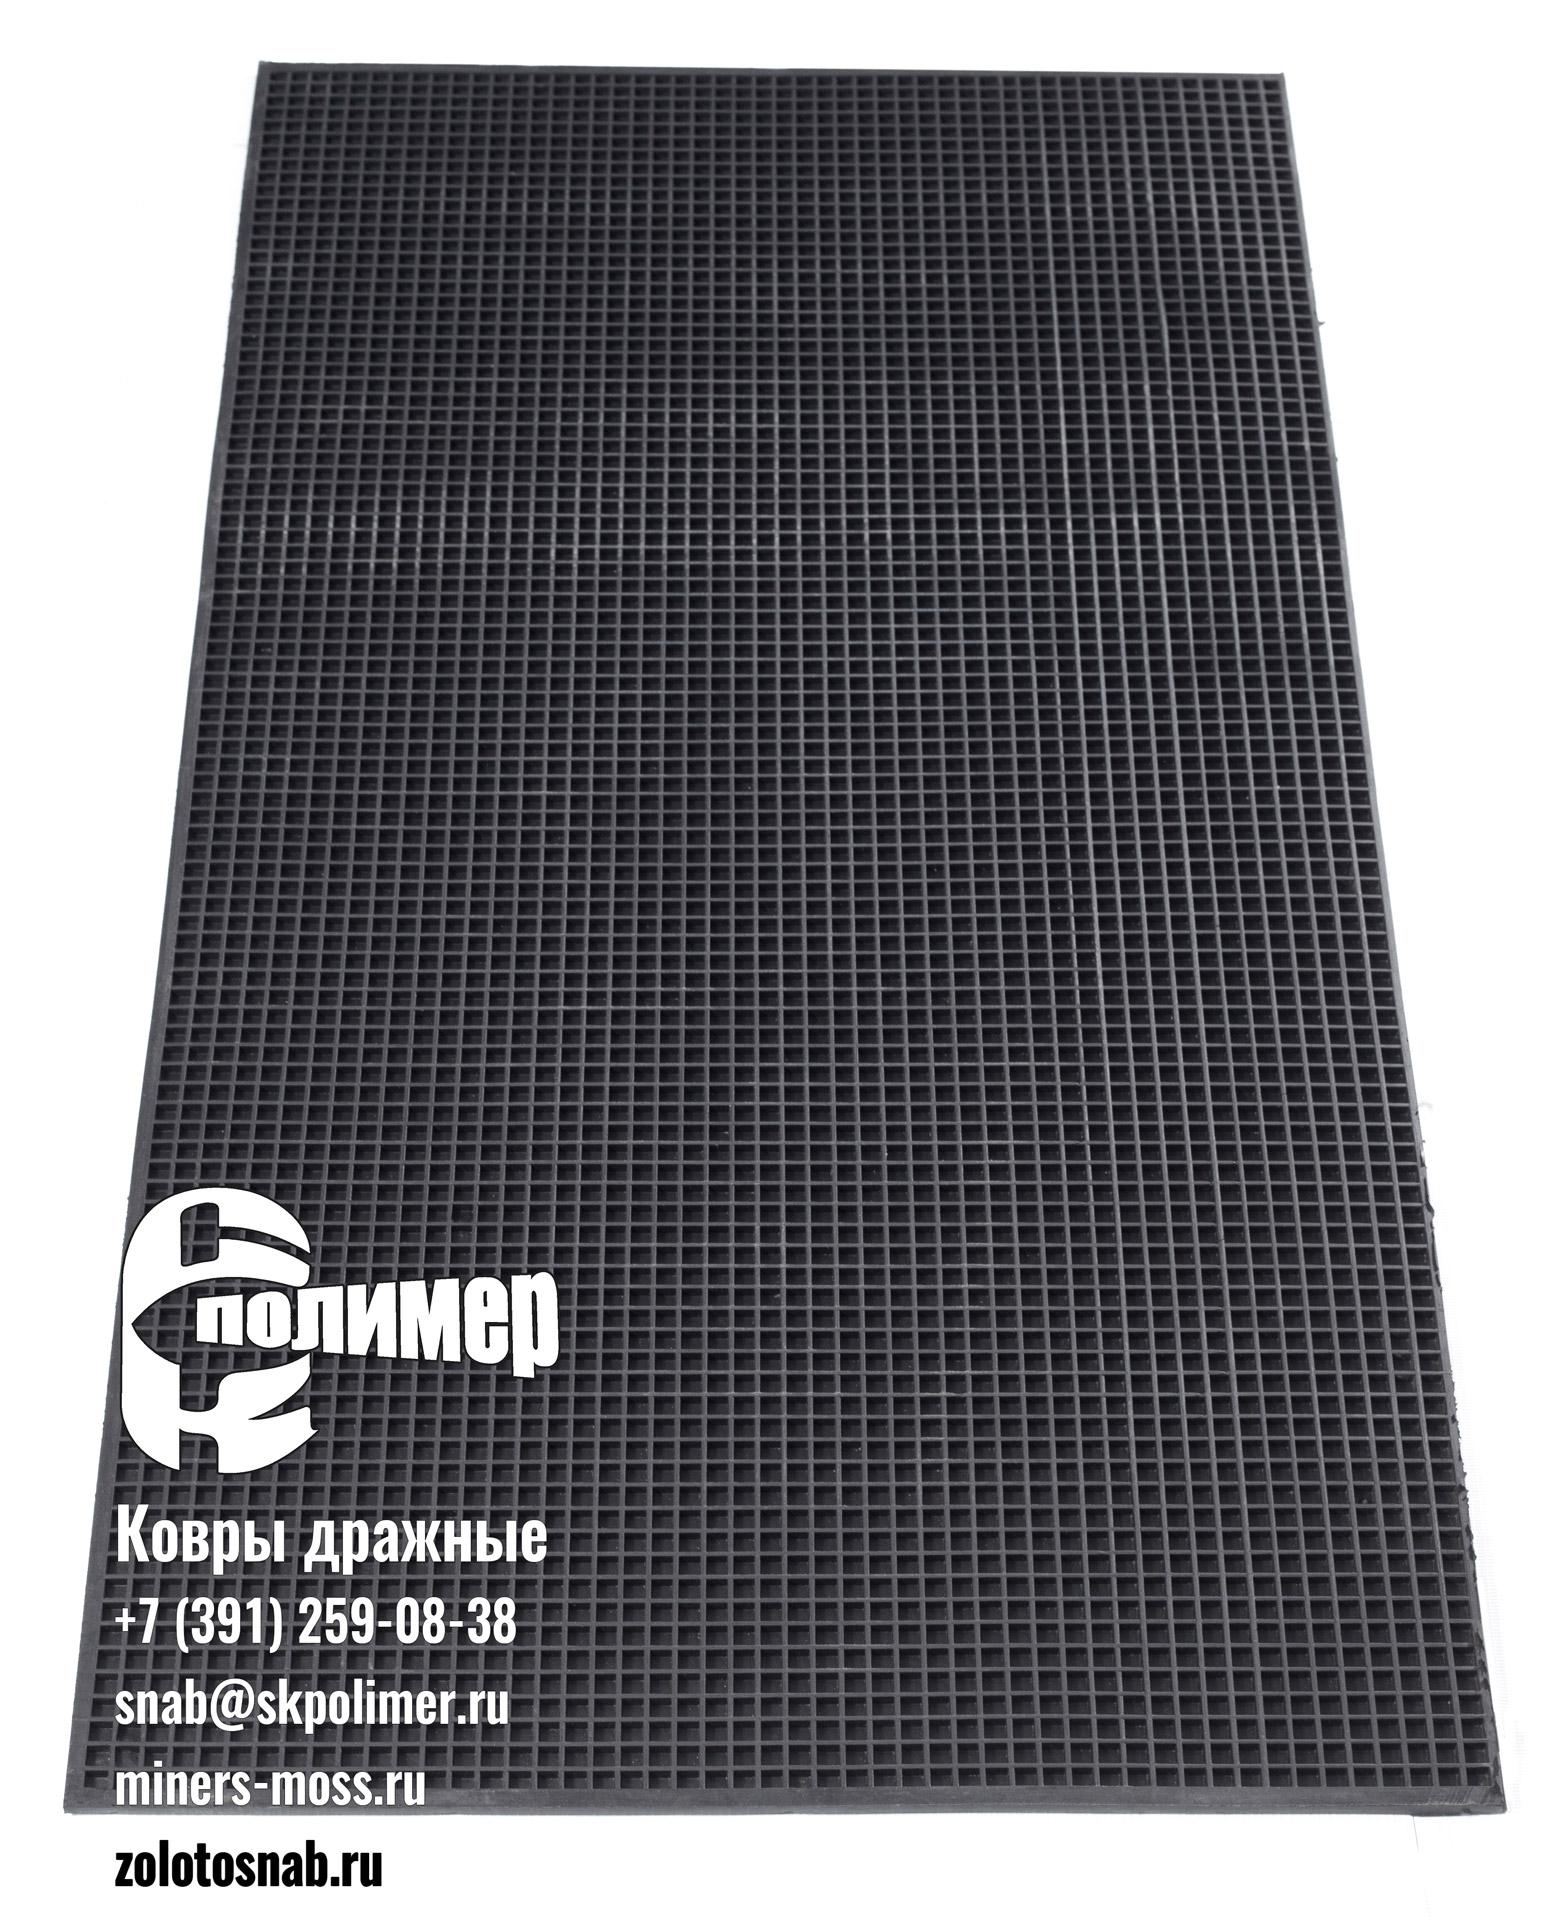 дражный коврик 1250х800 №369